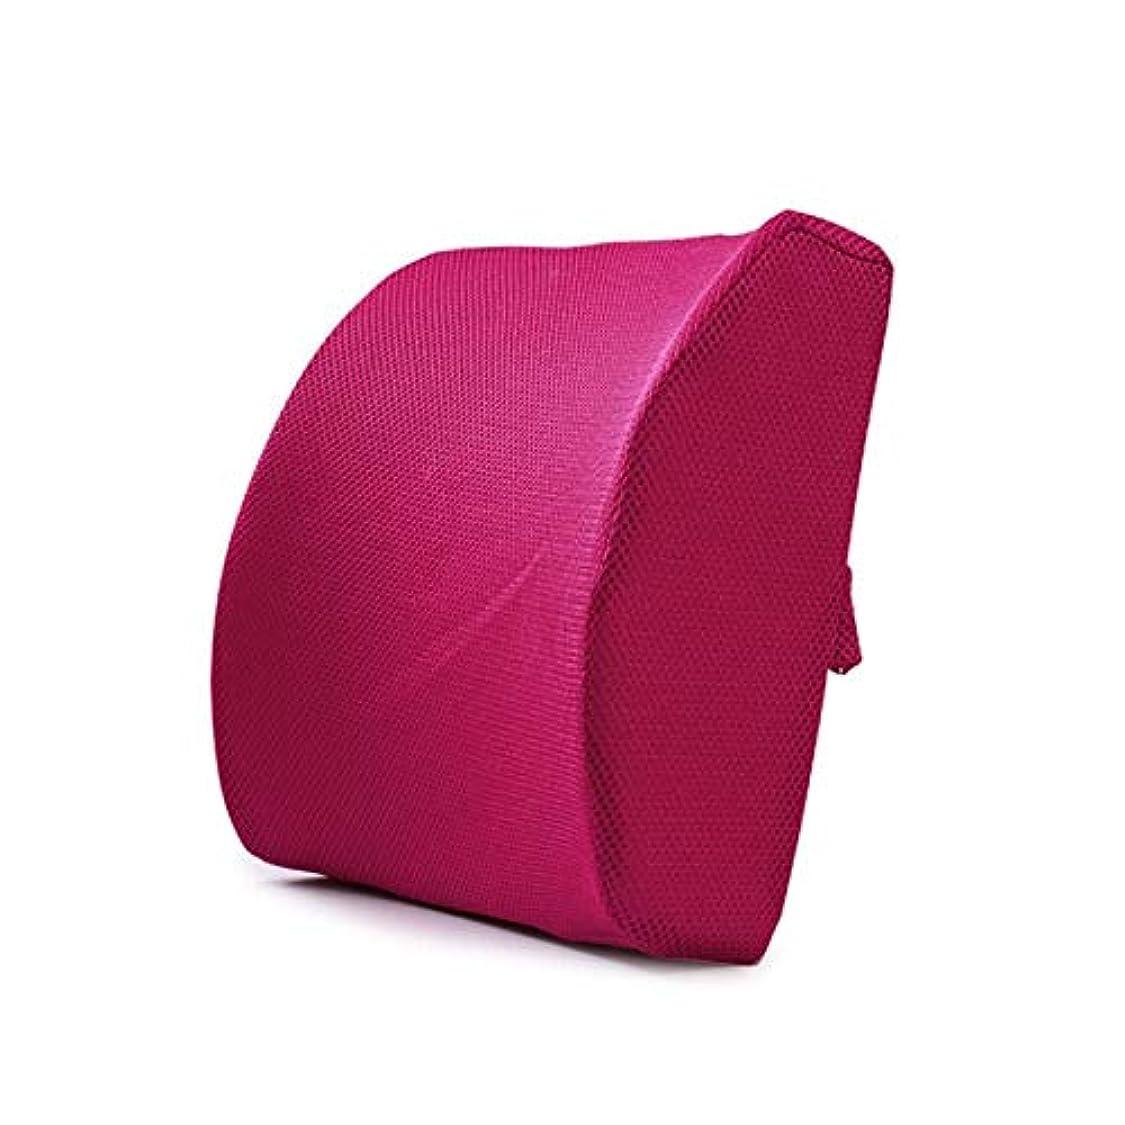 延期する白鳥チャームLIFE ホームオフィス背もたれ椅子腰椎クッションカーシートネック枕 3D 低反発サポートバックマッサージウエストレスリビング枕 クッション 椅子